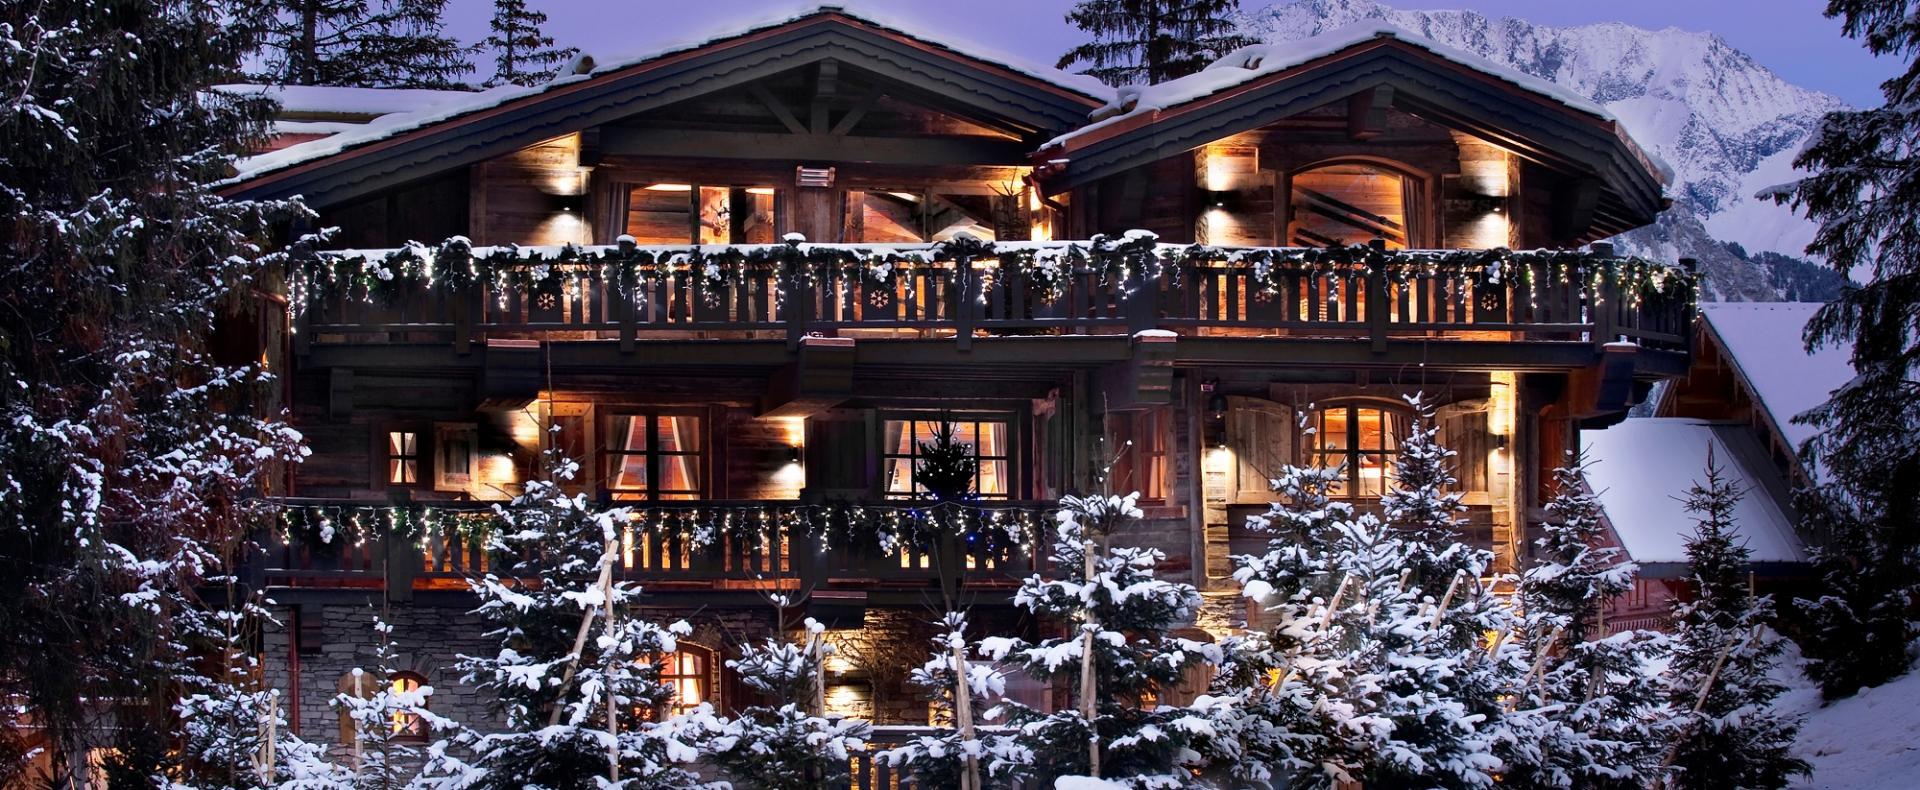 Chalet Le Petit Chateau Ski Courchevel 1850 France